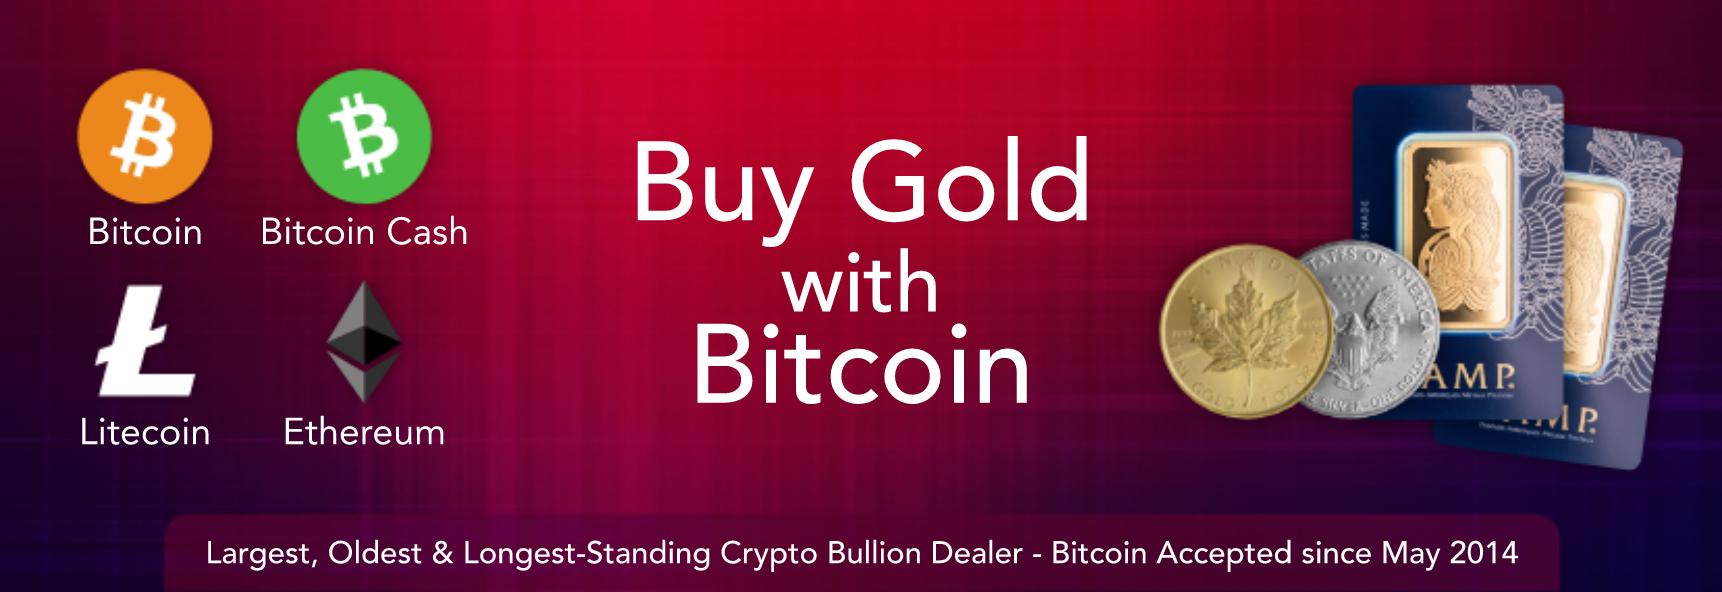 Gold mit Bitcoin bei BullionStar kaufen